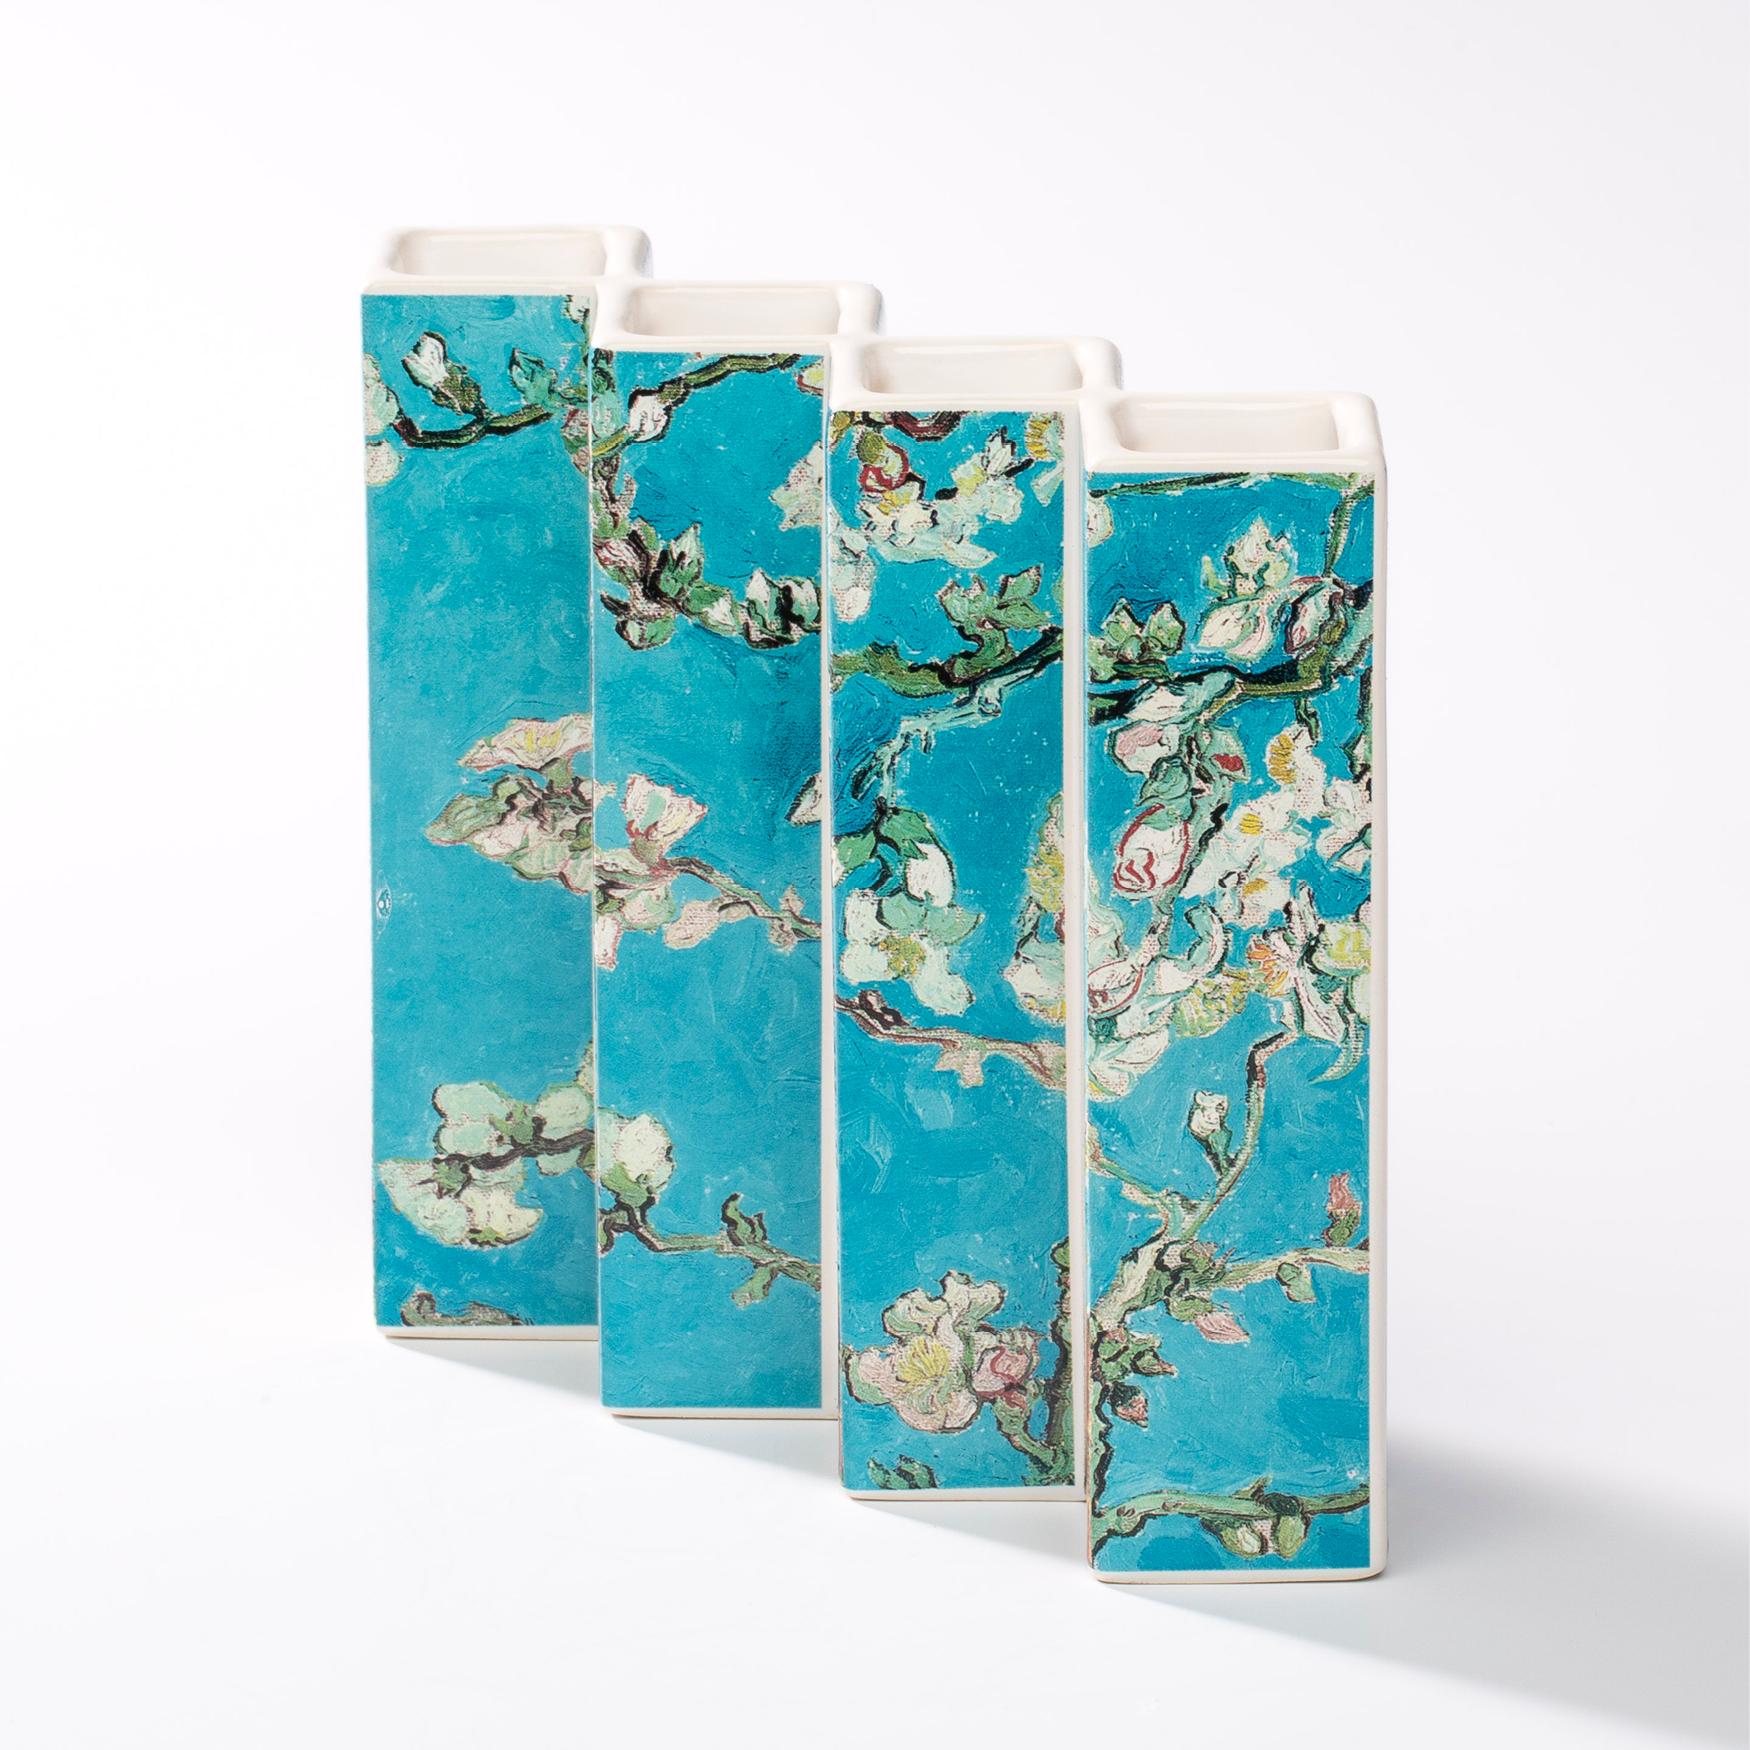 Dianthus-Flowers-Gallery-Vases-1902-9.jpg